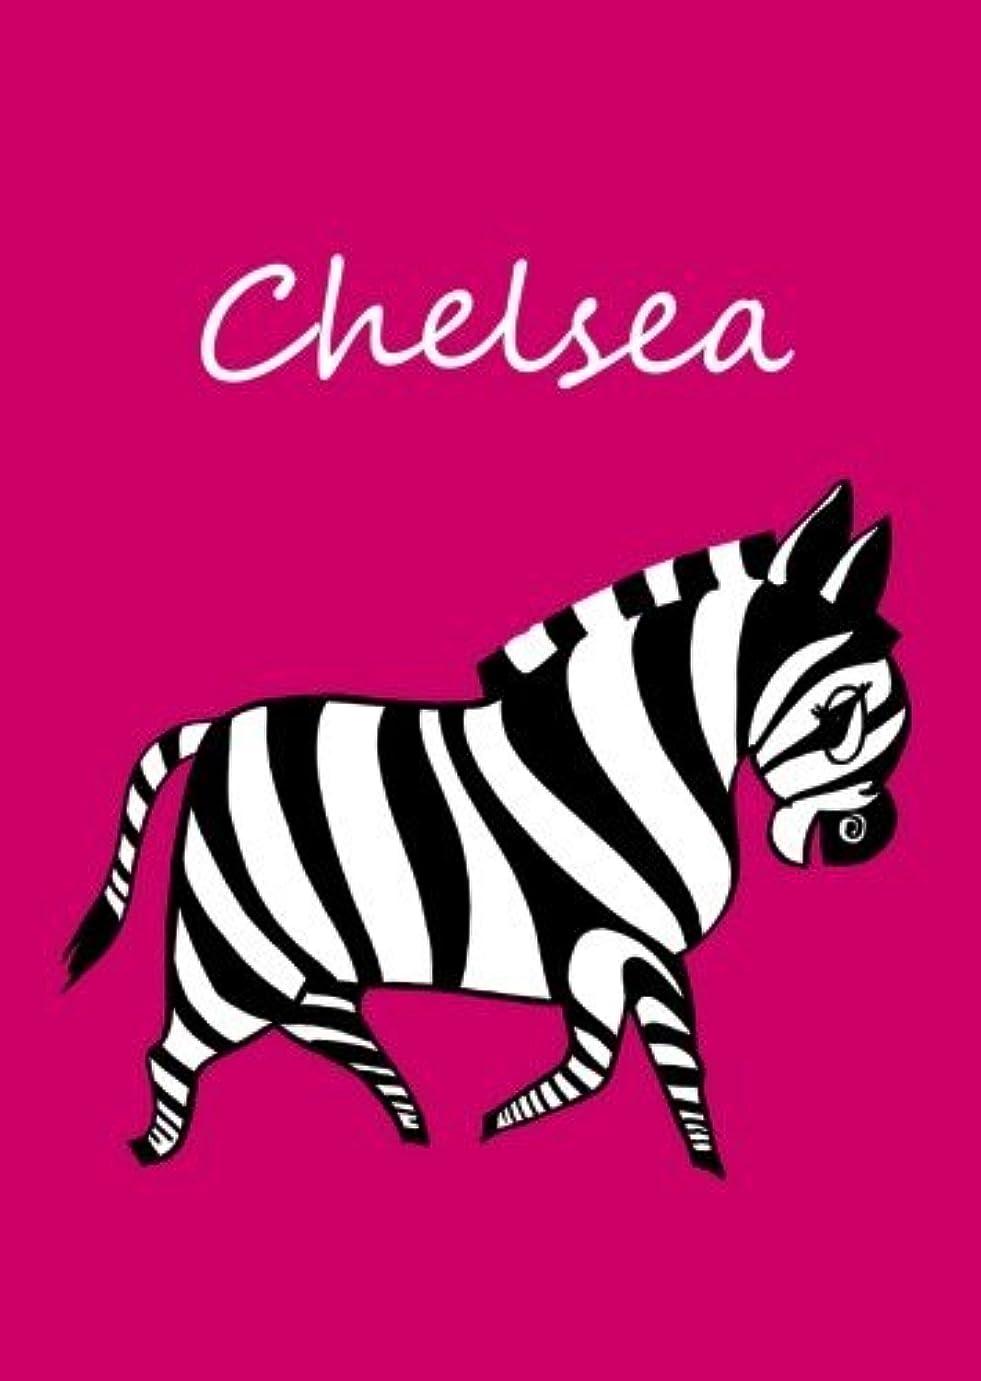 メトロポリタンアイザックお手伝いさんChelsea: personalisiertes Malbuch / Notizbuch / Tagebuch - Zebra - A4 - blanko